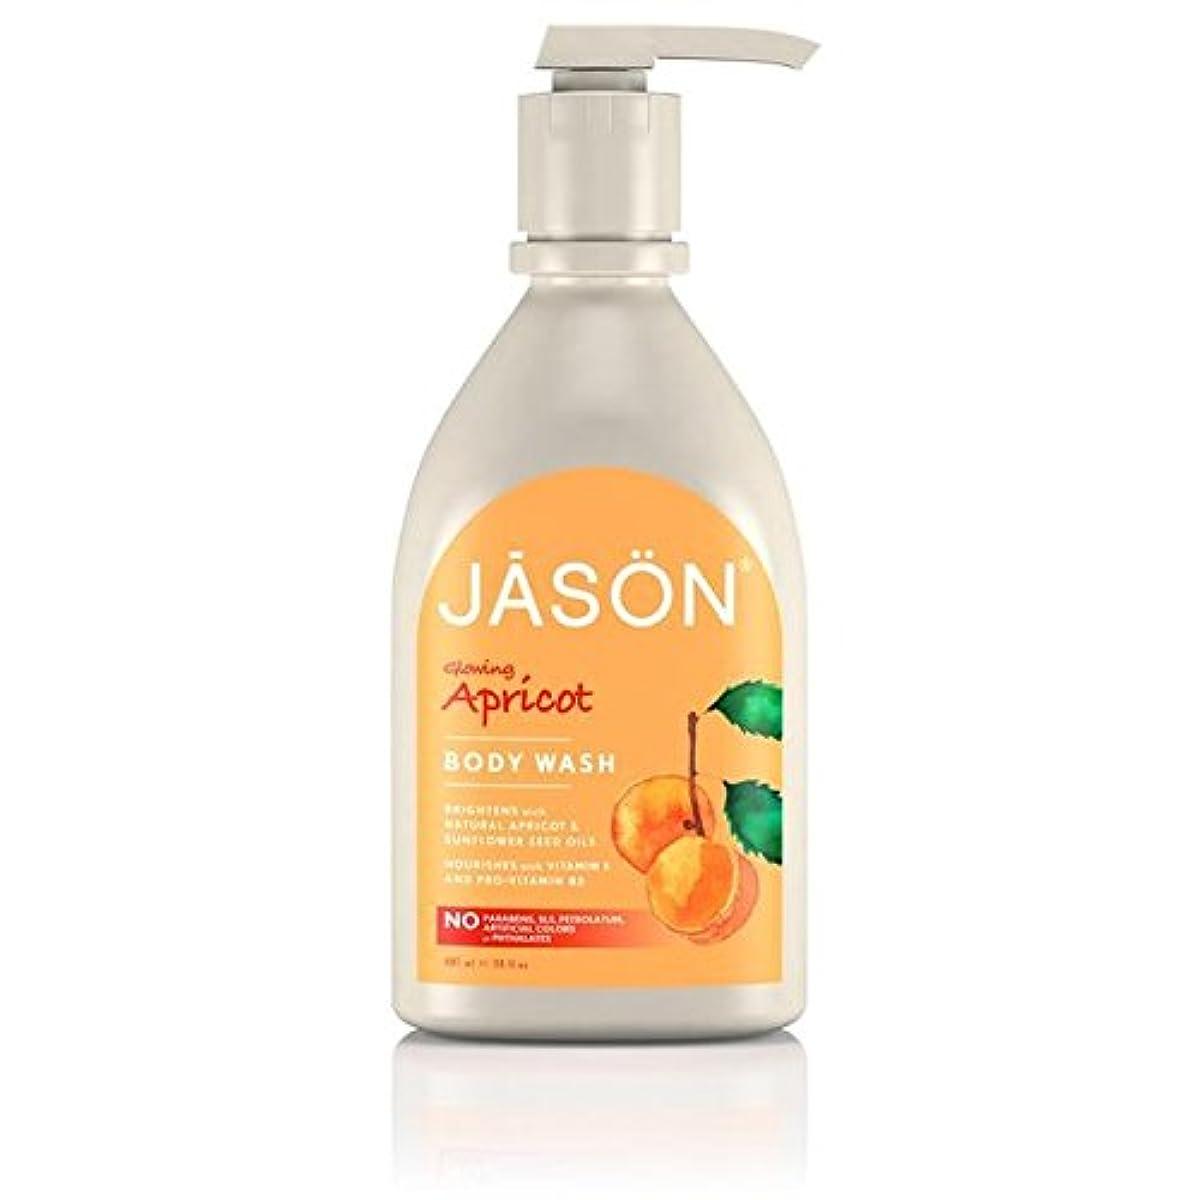 ジェイソン?アプリコットサテンボディウォッシュポンプ900ミリリットル x4 - Jason Apricot Satin Body Wash Pump 900ml (Pack of 4) [並行輸入品]